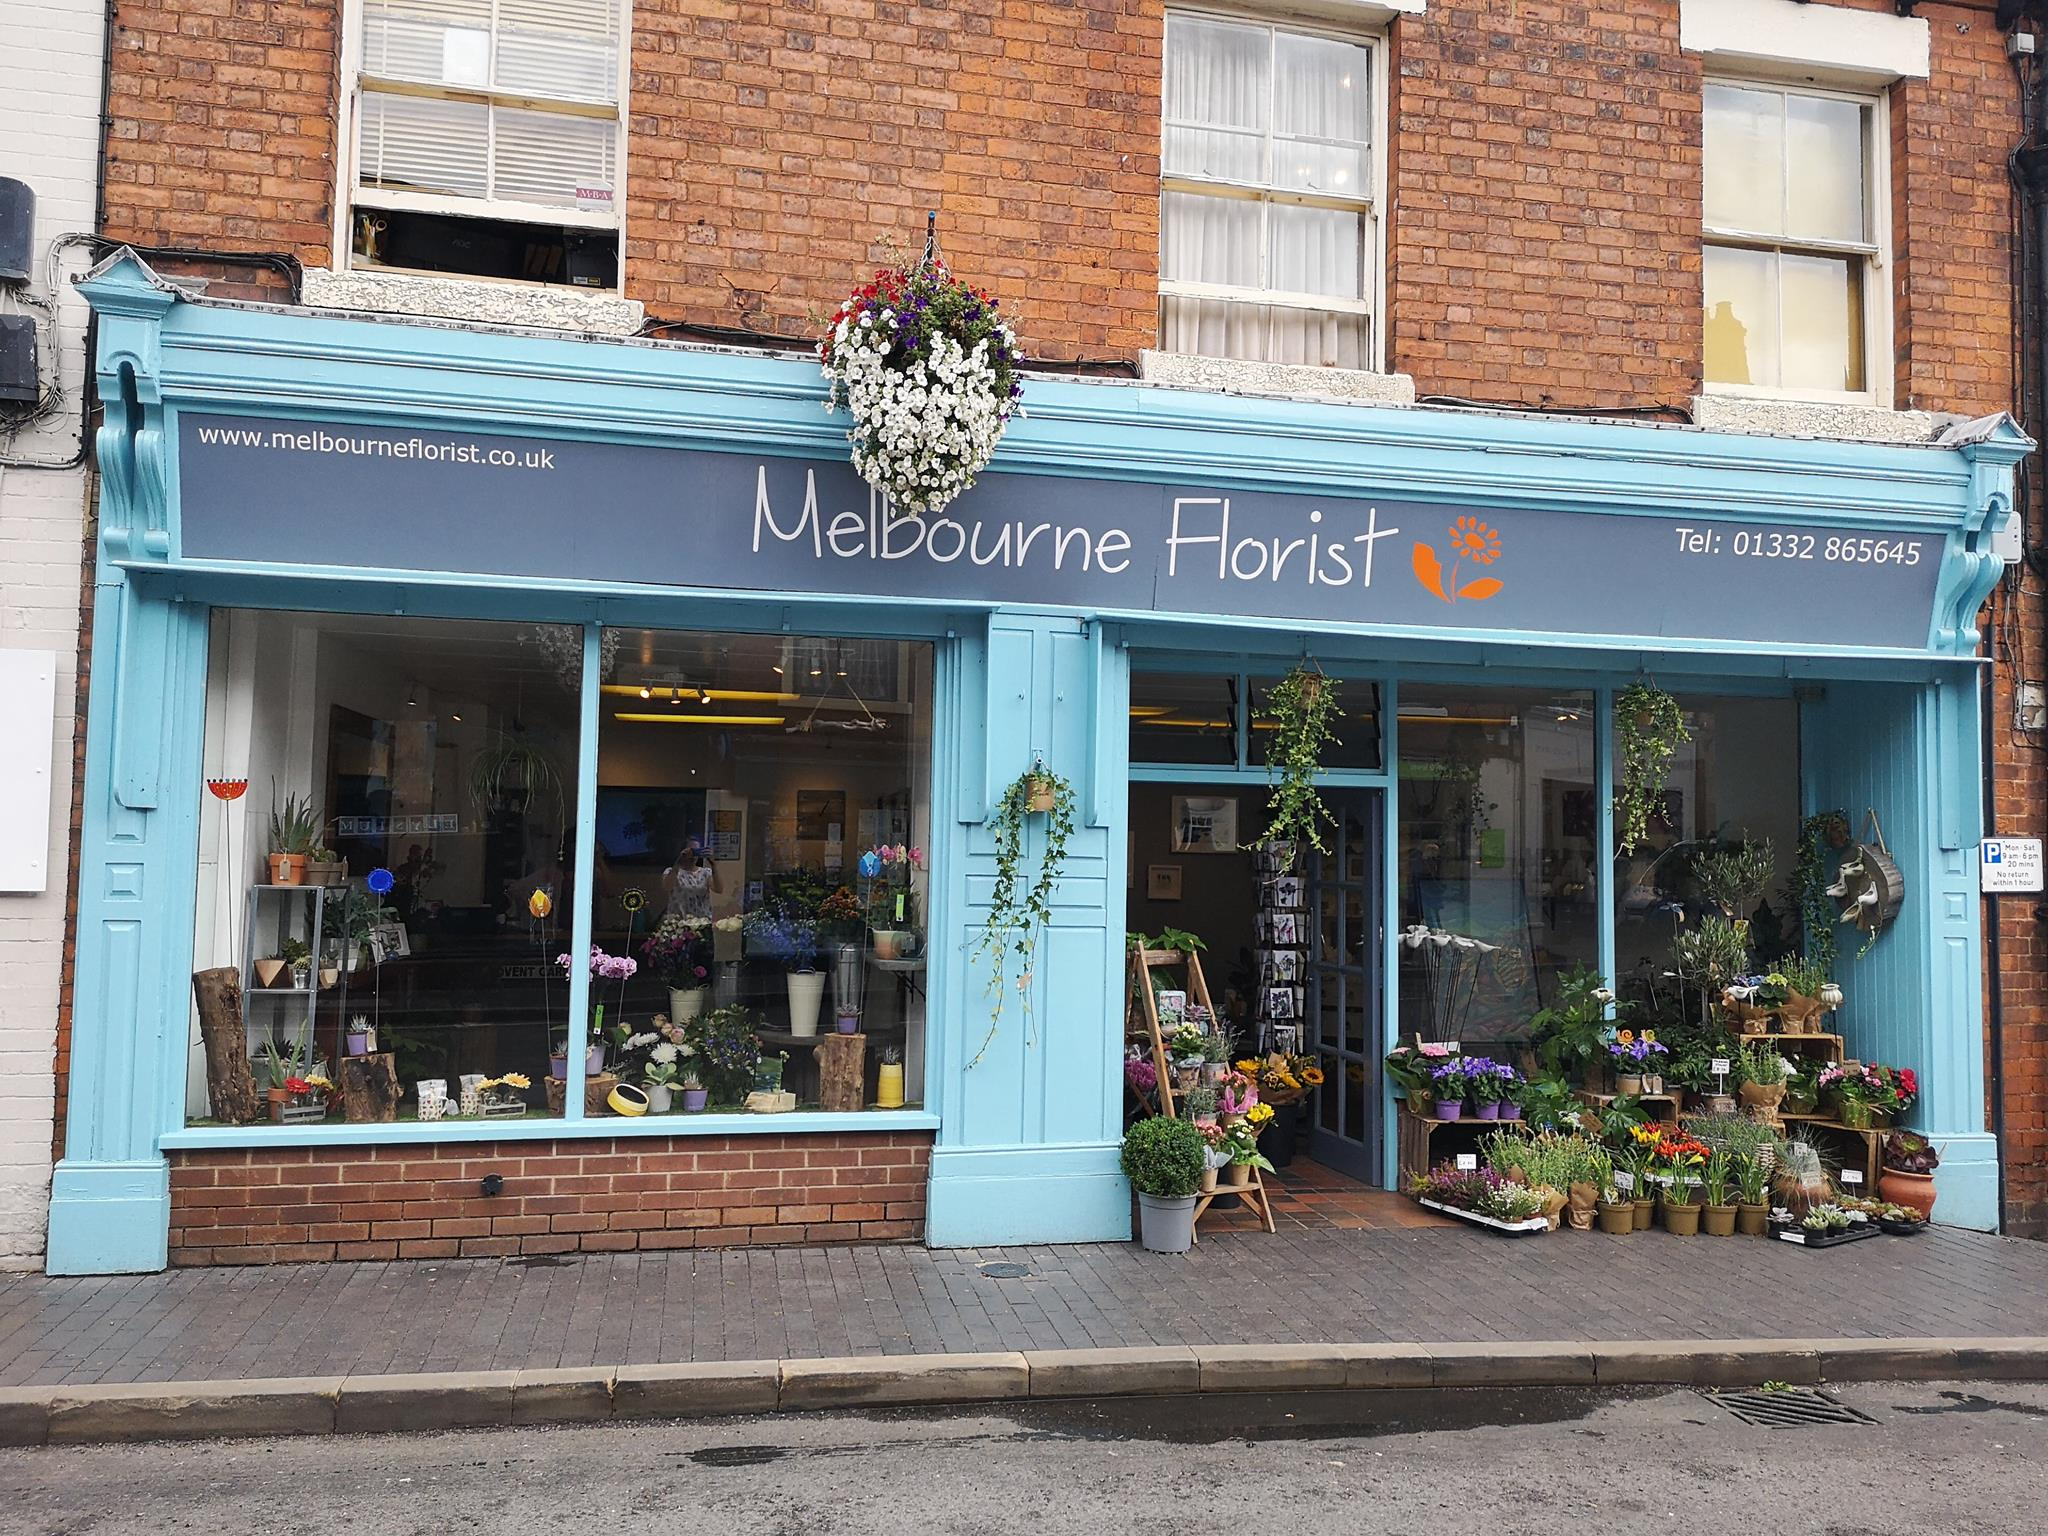 Melbourne Florist, Derby